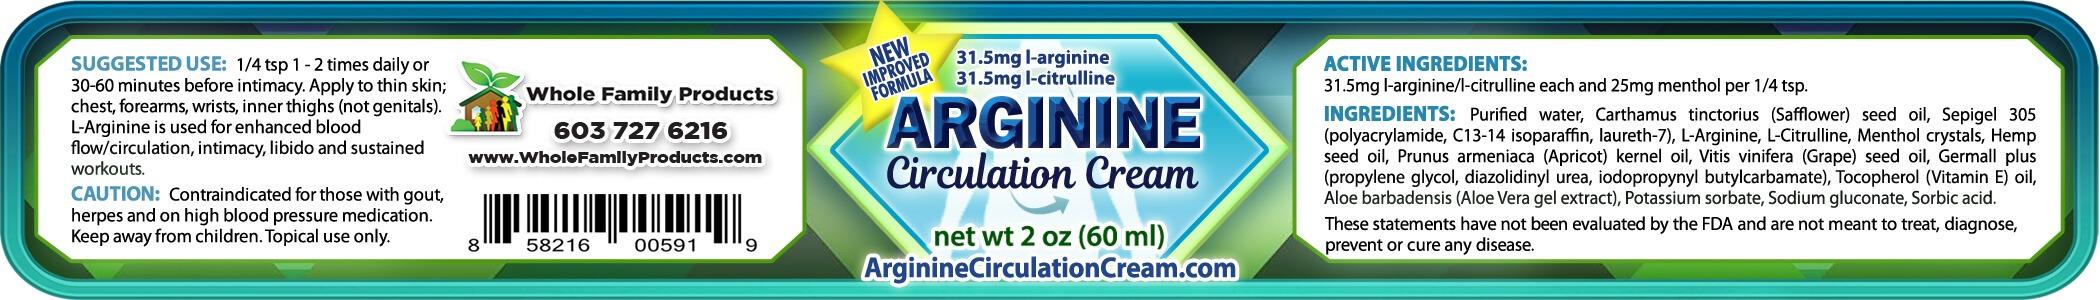 Arginine Circulation Cream Product Label 2oz Jar